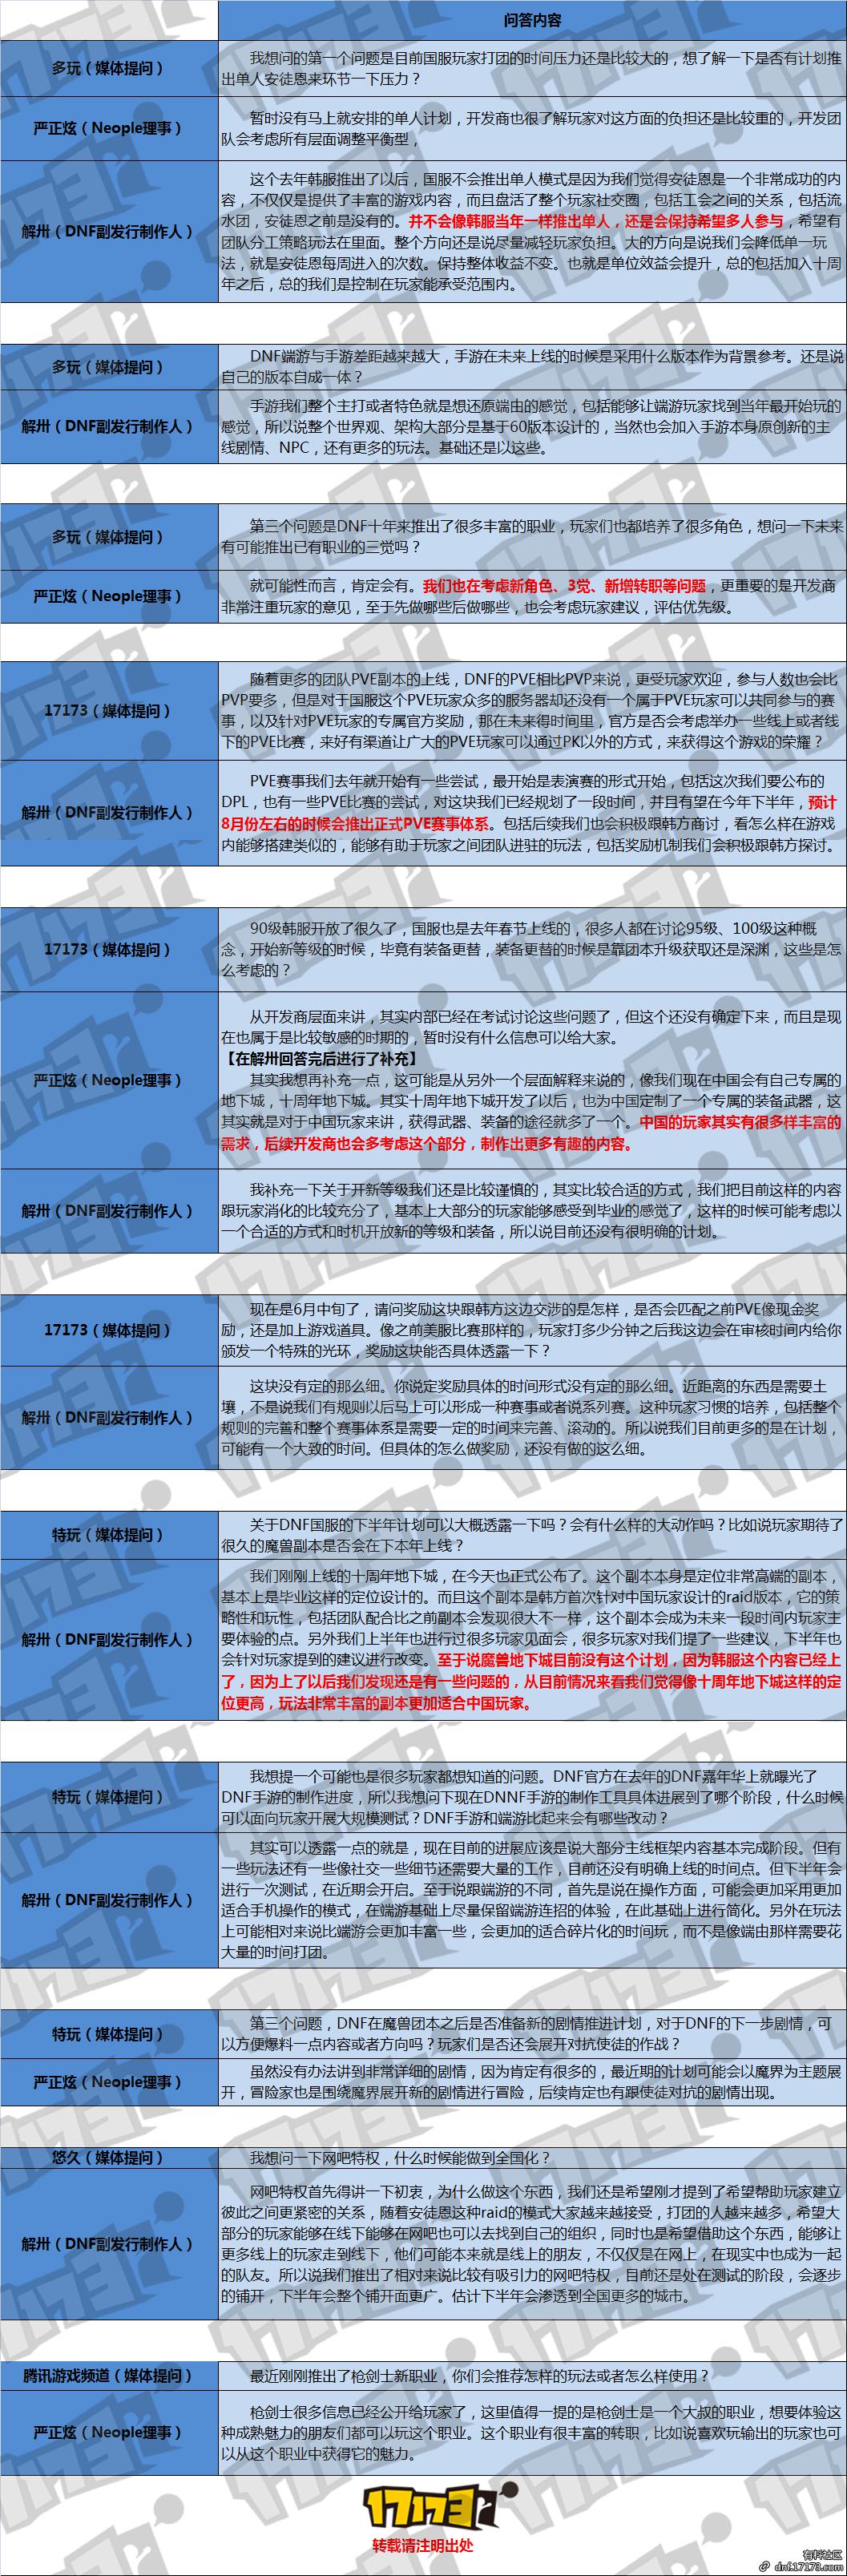 QQ图片20180617015851副本.png